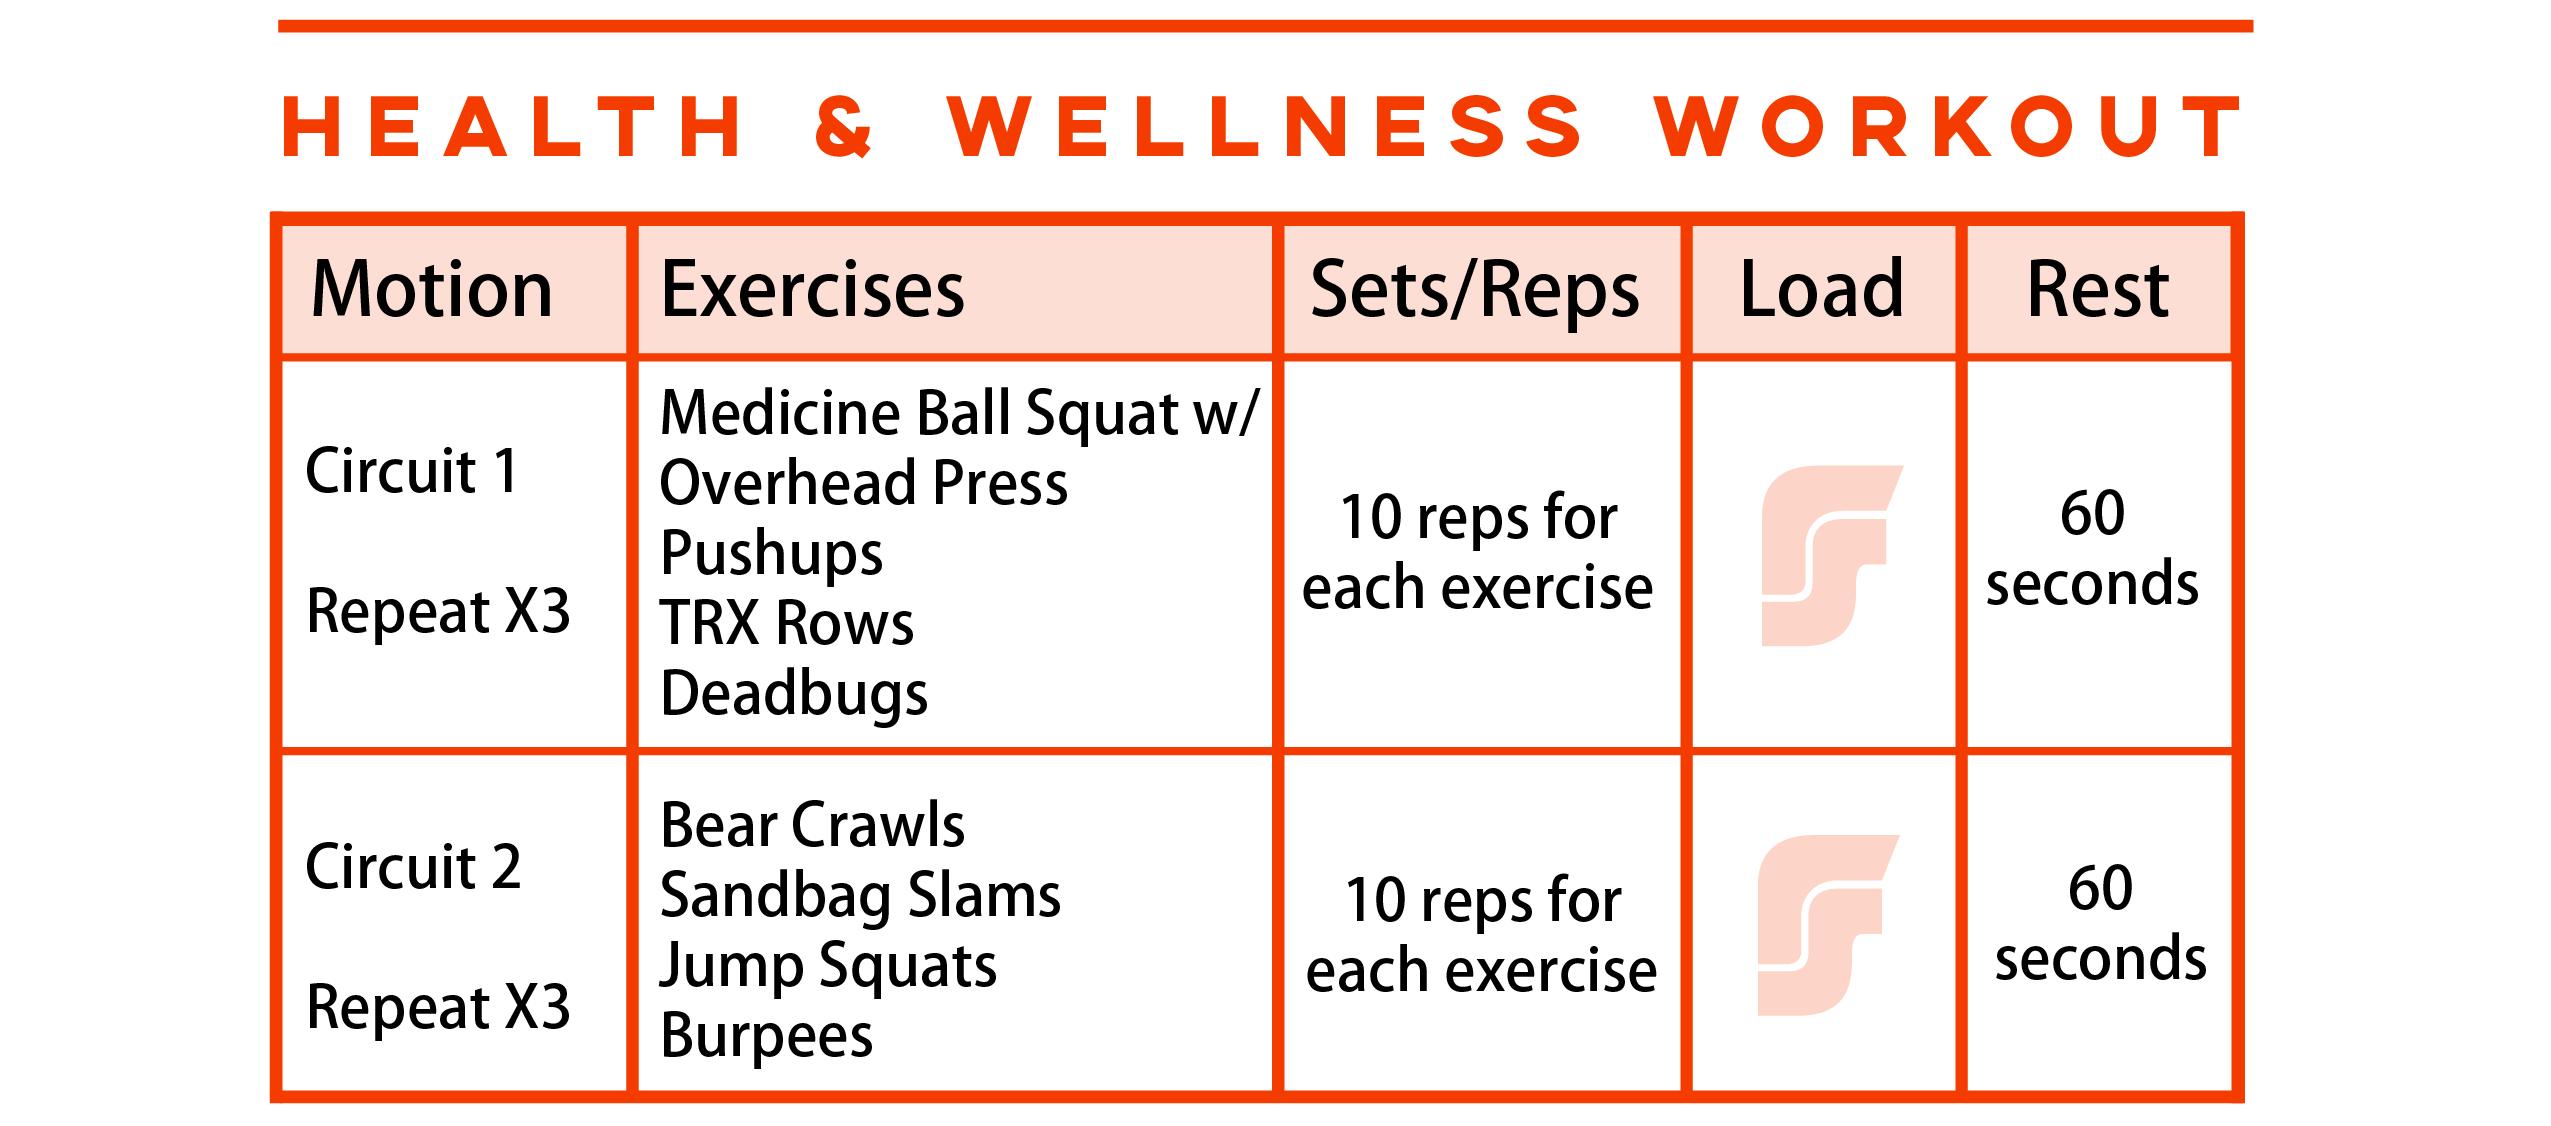 Health & Wellness Workout